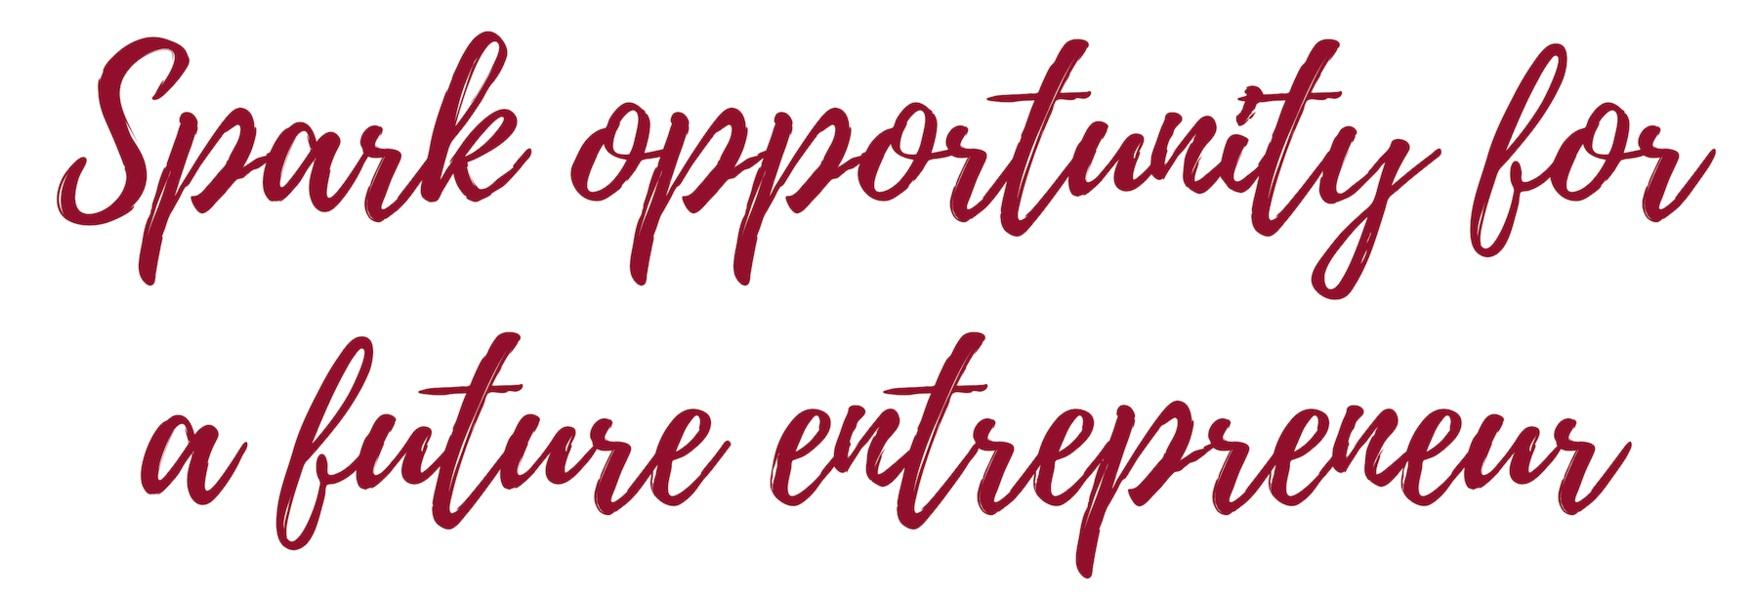 spark+opportunity+for+future+entrepreneurs+stacked.jpg